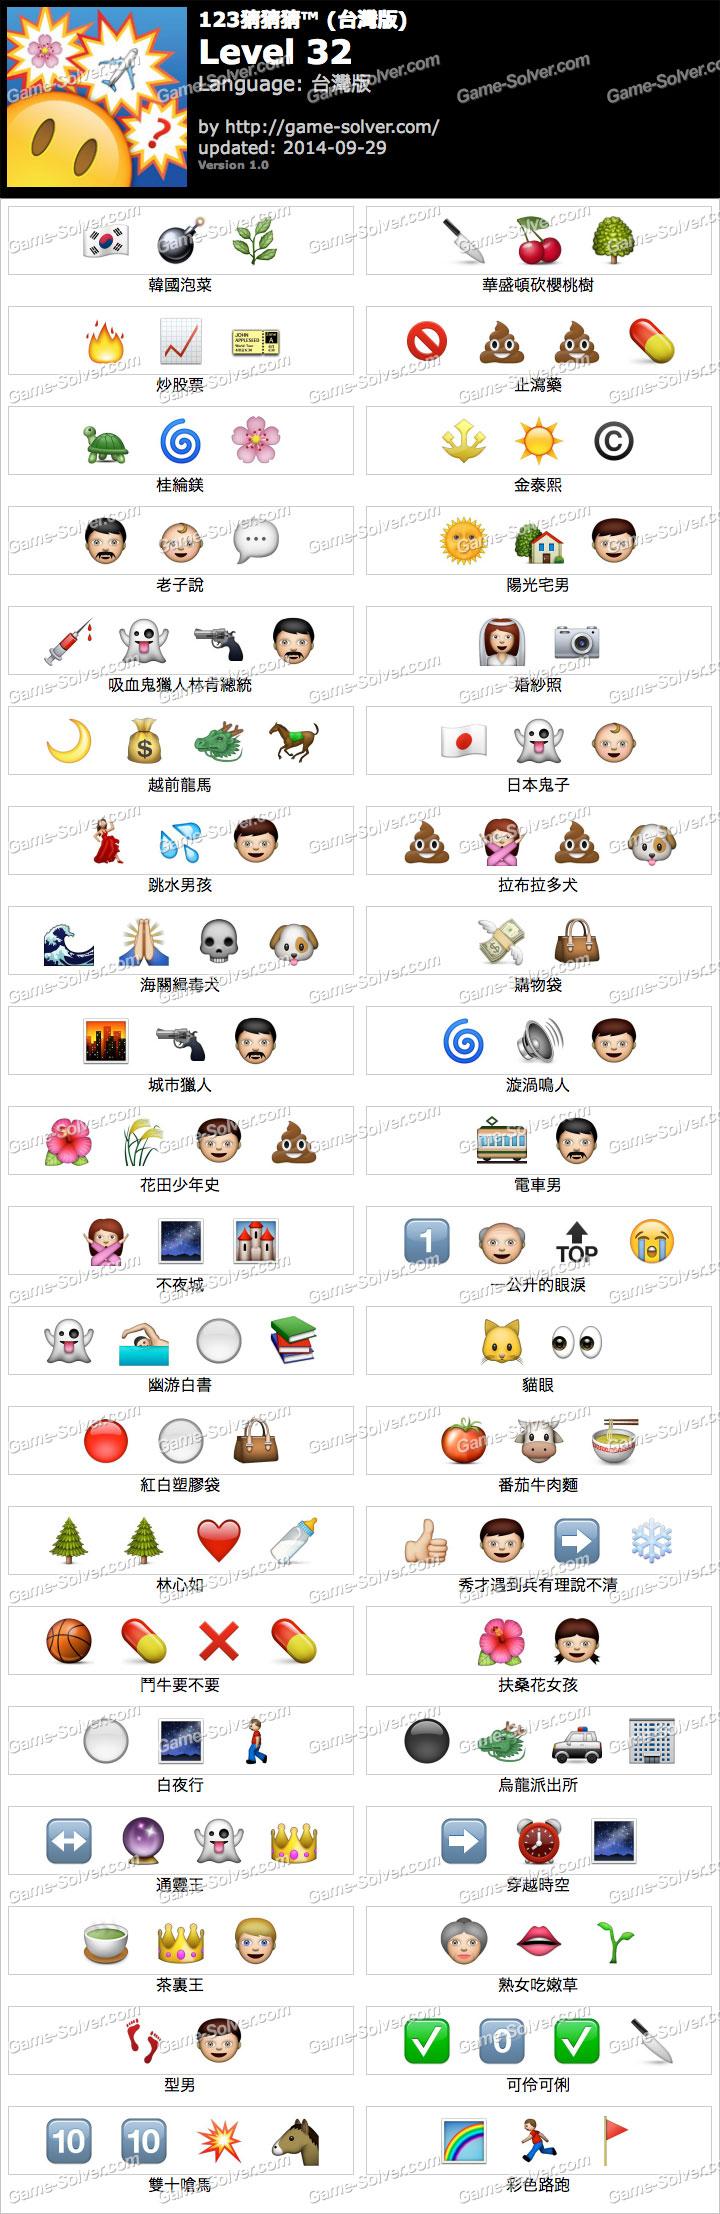 123猜猜猜台灣版答案等級32